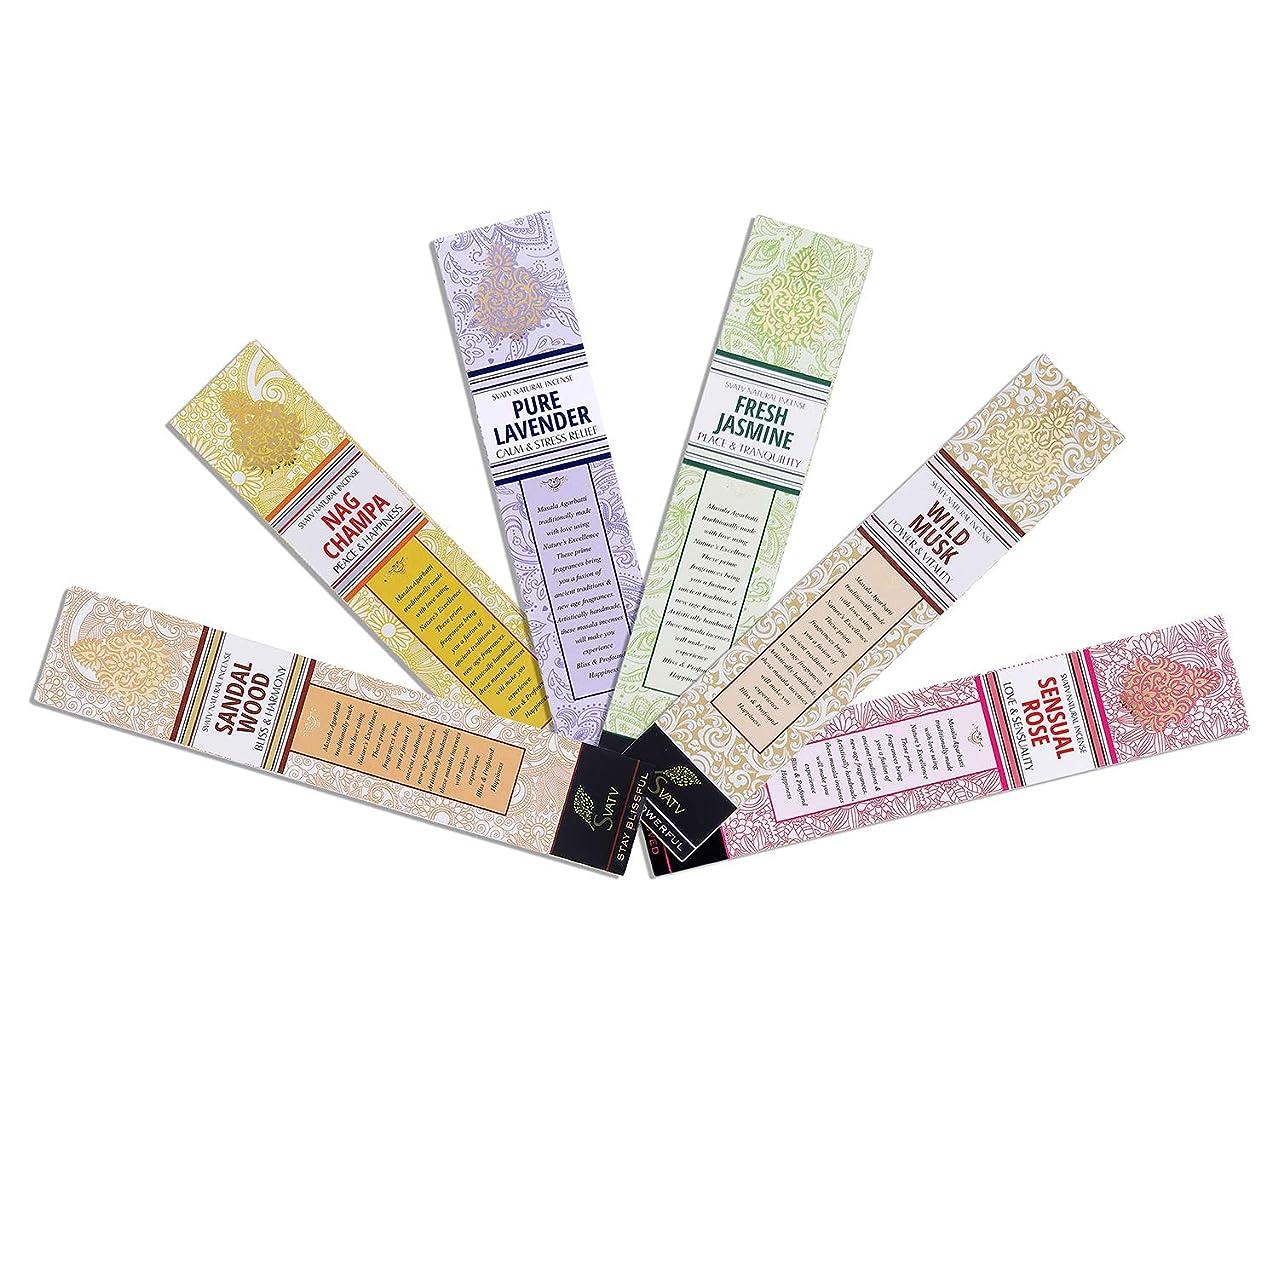 セーブ確認してください模索SVATV :: Hand Rolled Masala Incense Stick/手巻きマサラ香 15g Pack 6 Fragrance (Nagchampa, Sandalwood, Lavender, Rose, Musk, Jasmine) Made In India